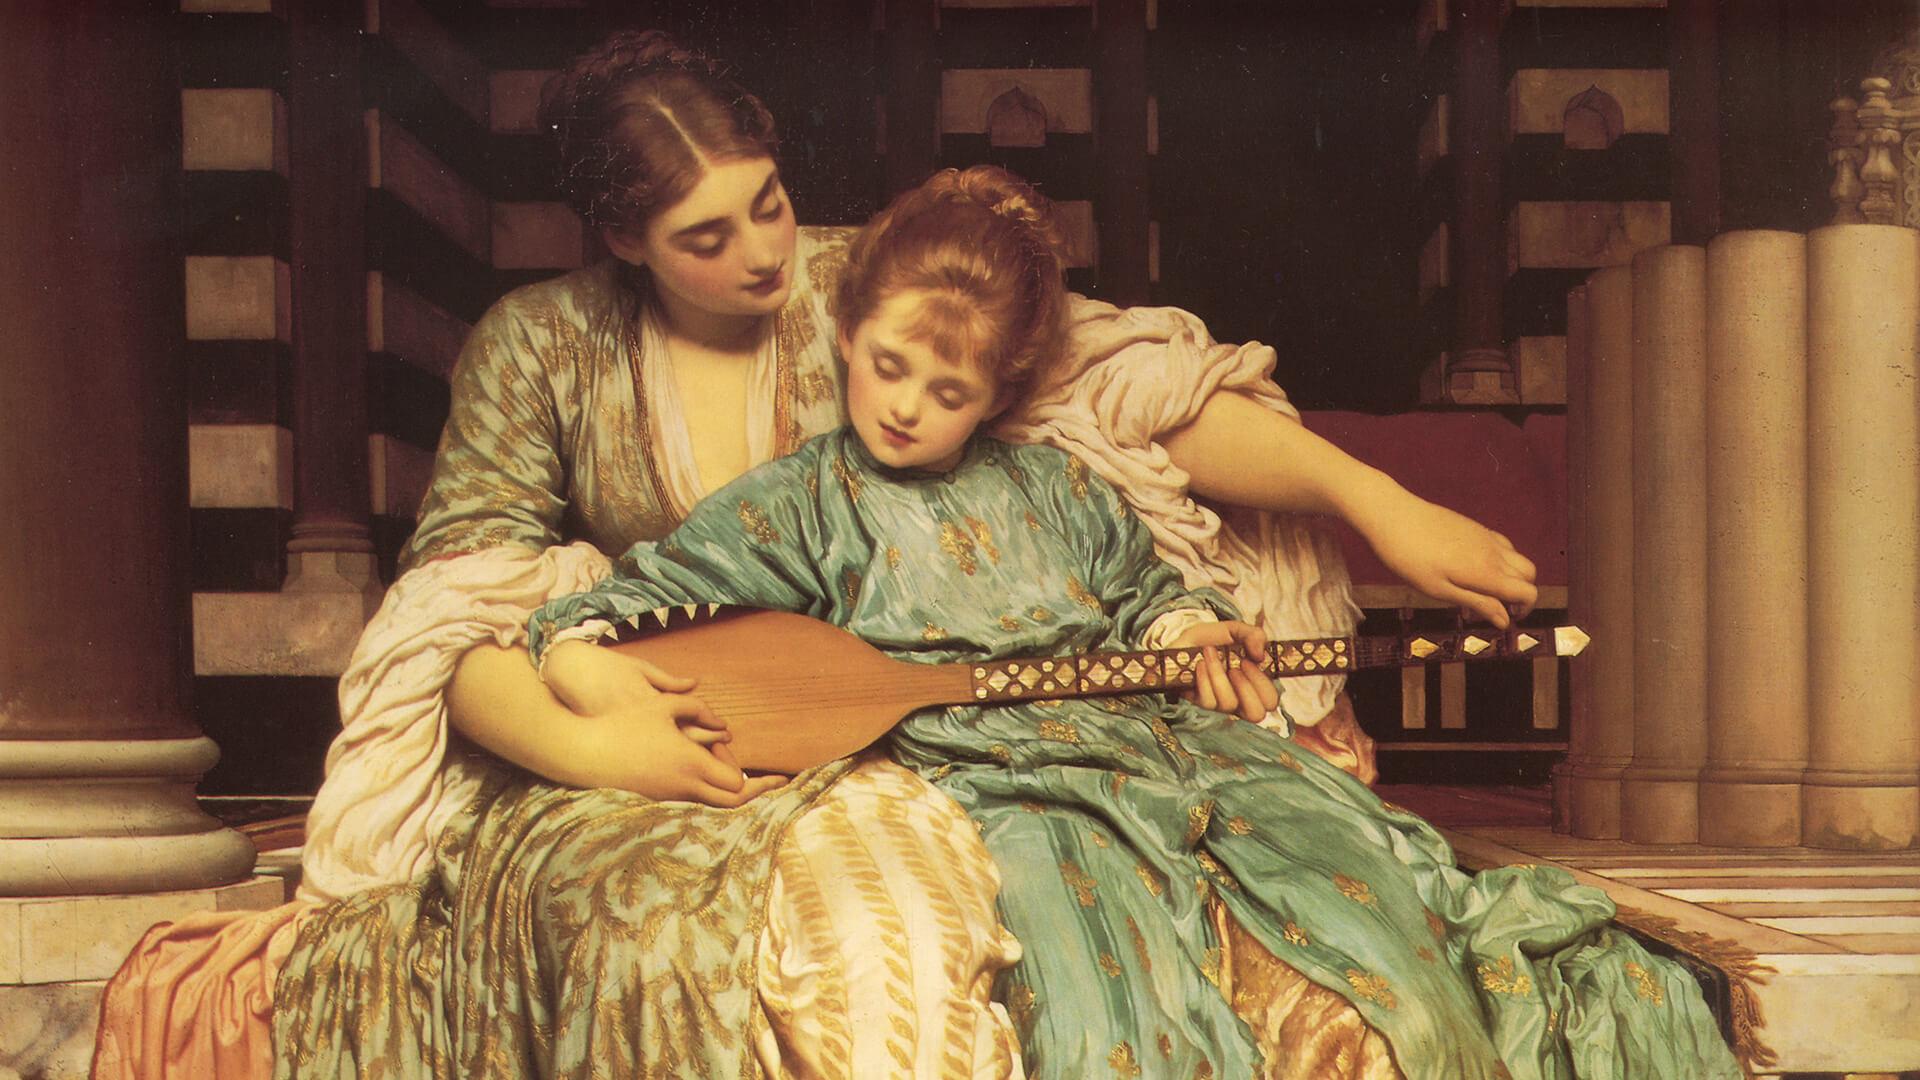 Edmund blair leighton-Music Lesson_1920x1080